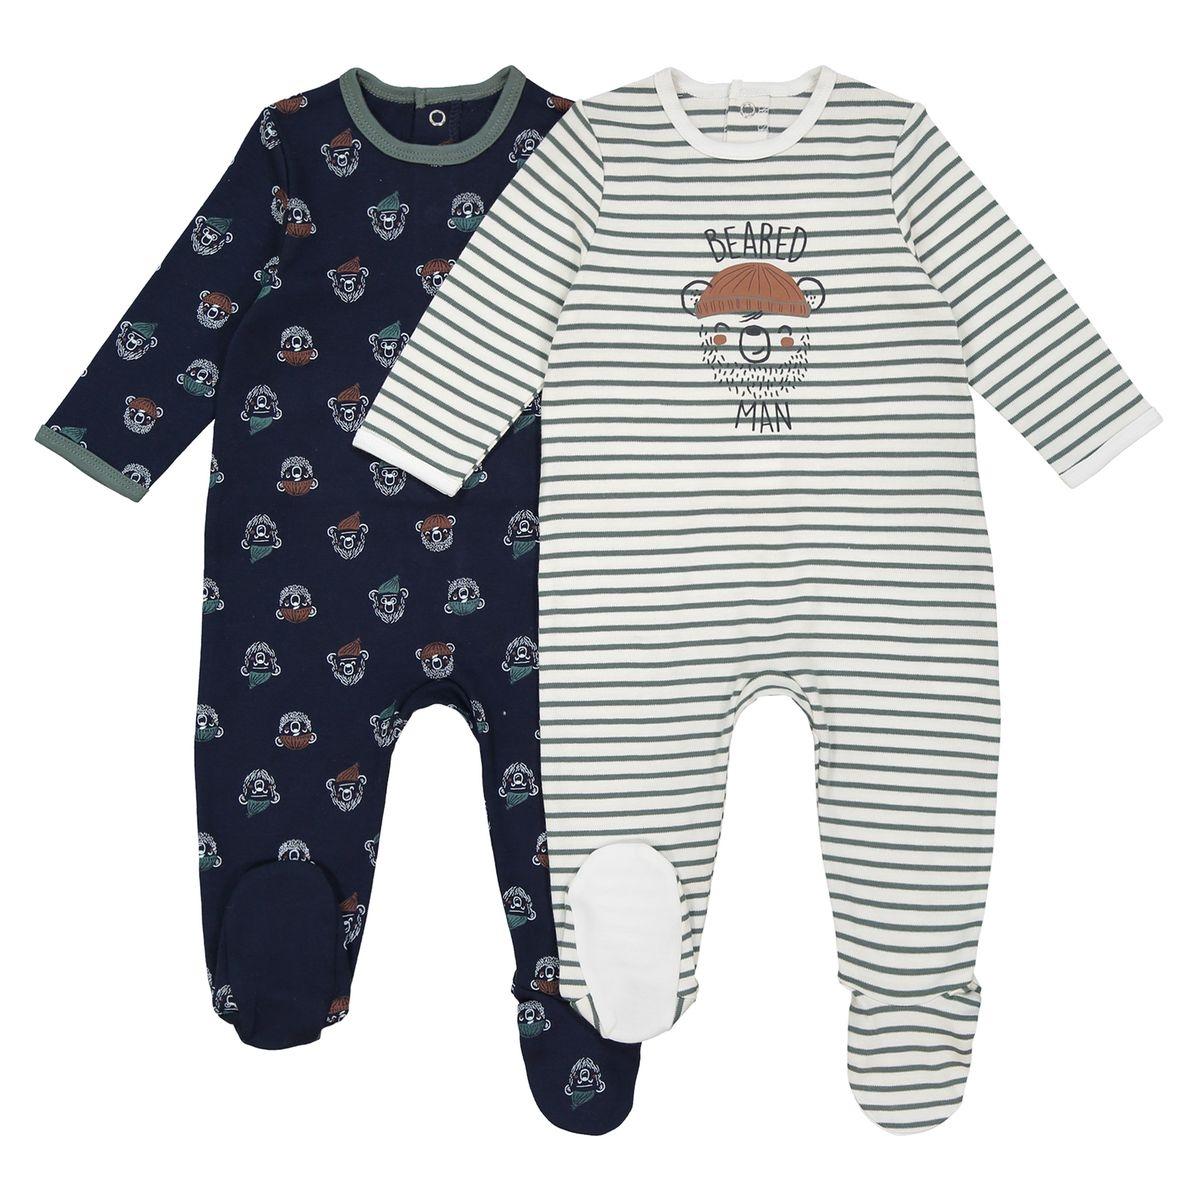 Lot de 2 pyjamas thème ours 0 mois - 3 ans